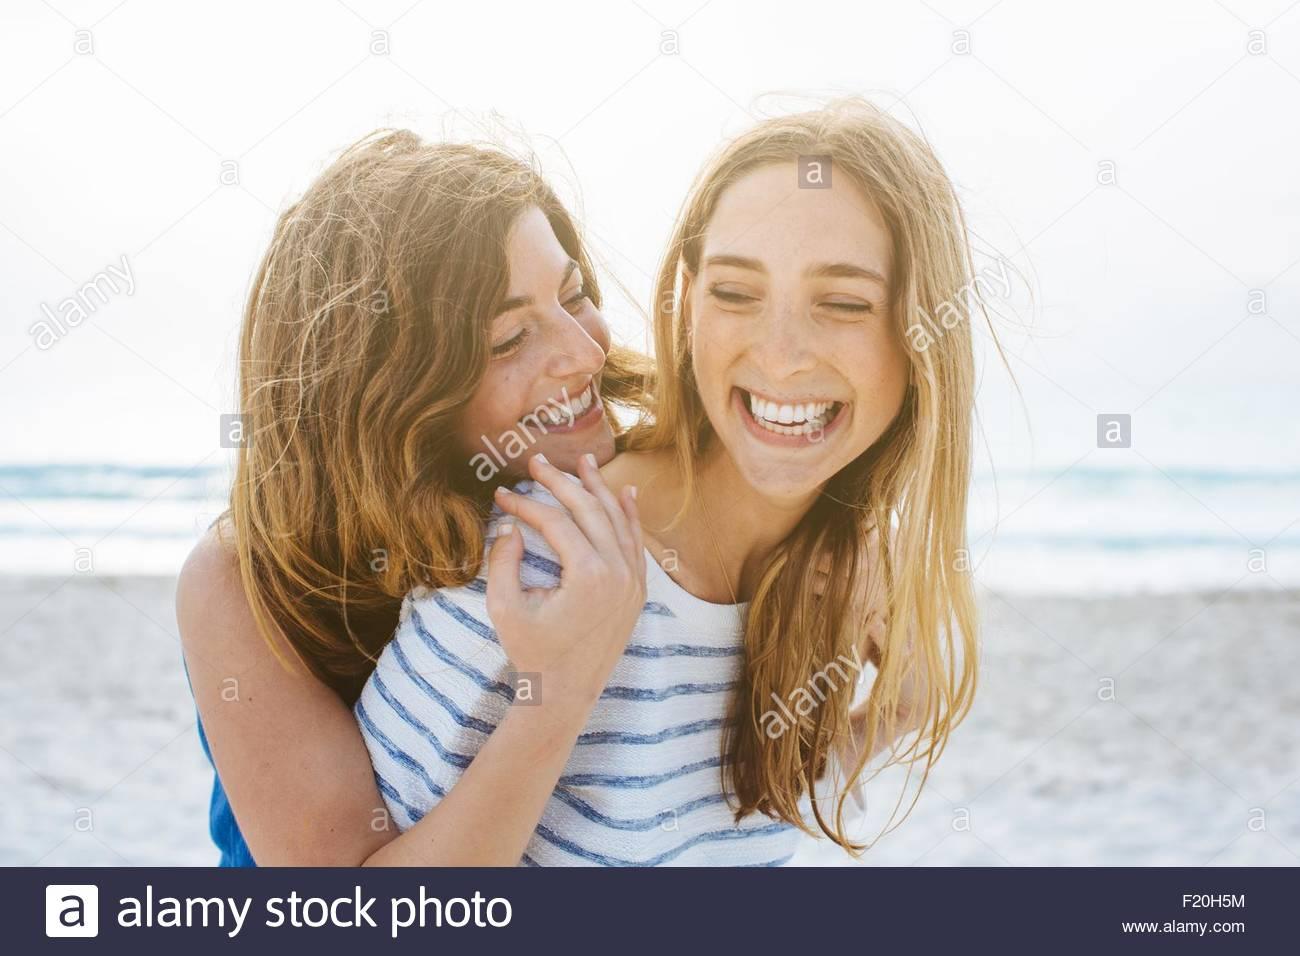 Dos amigas jóvenes riendo en la playa Imagen De Stock